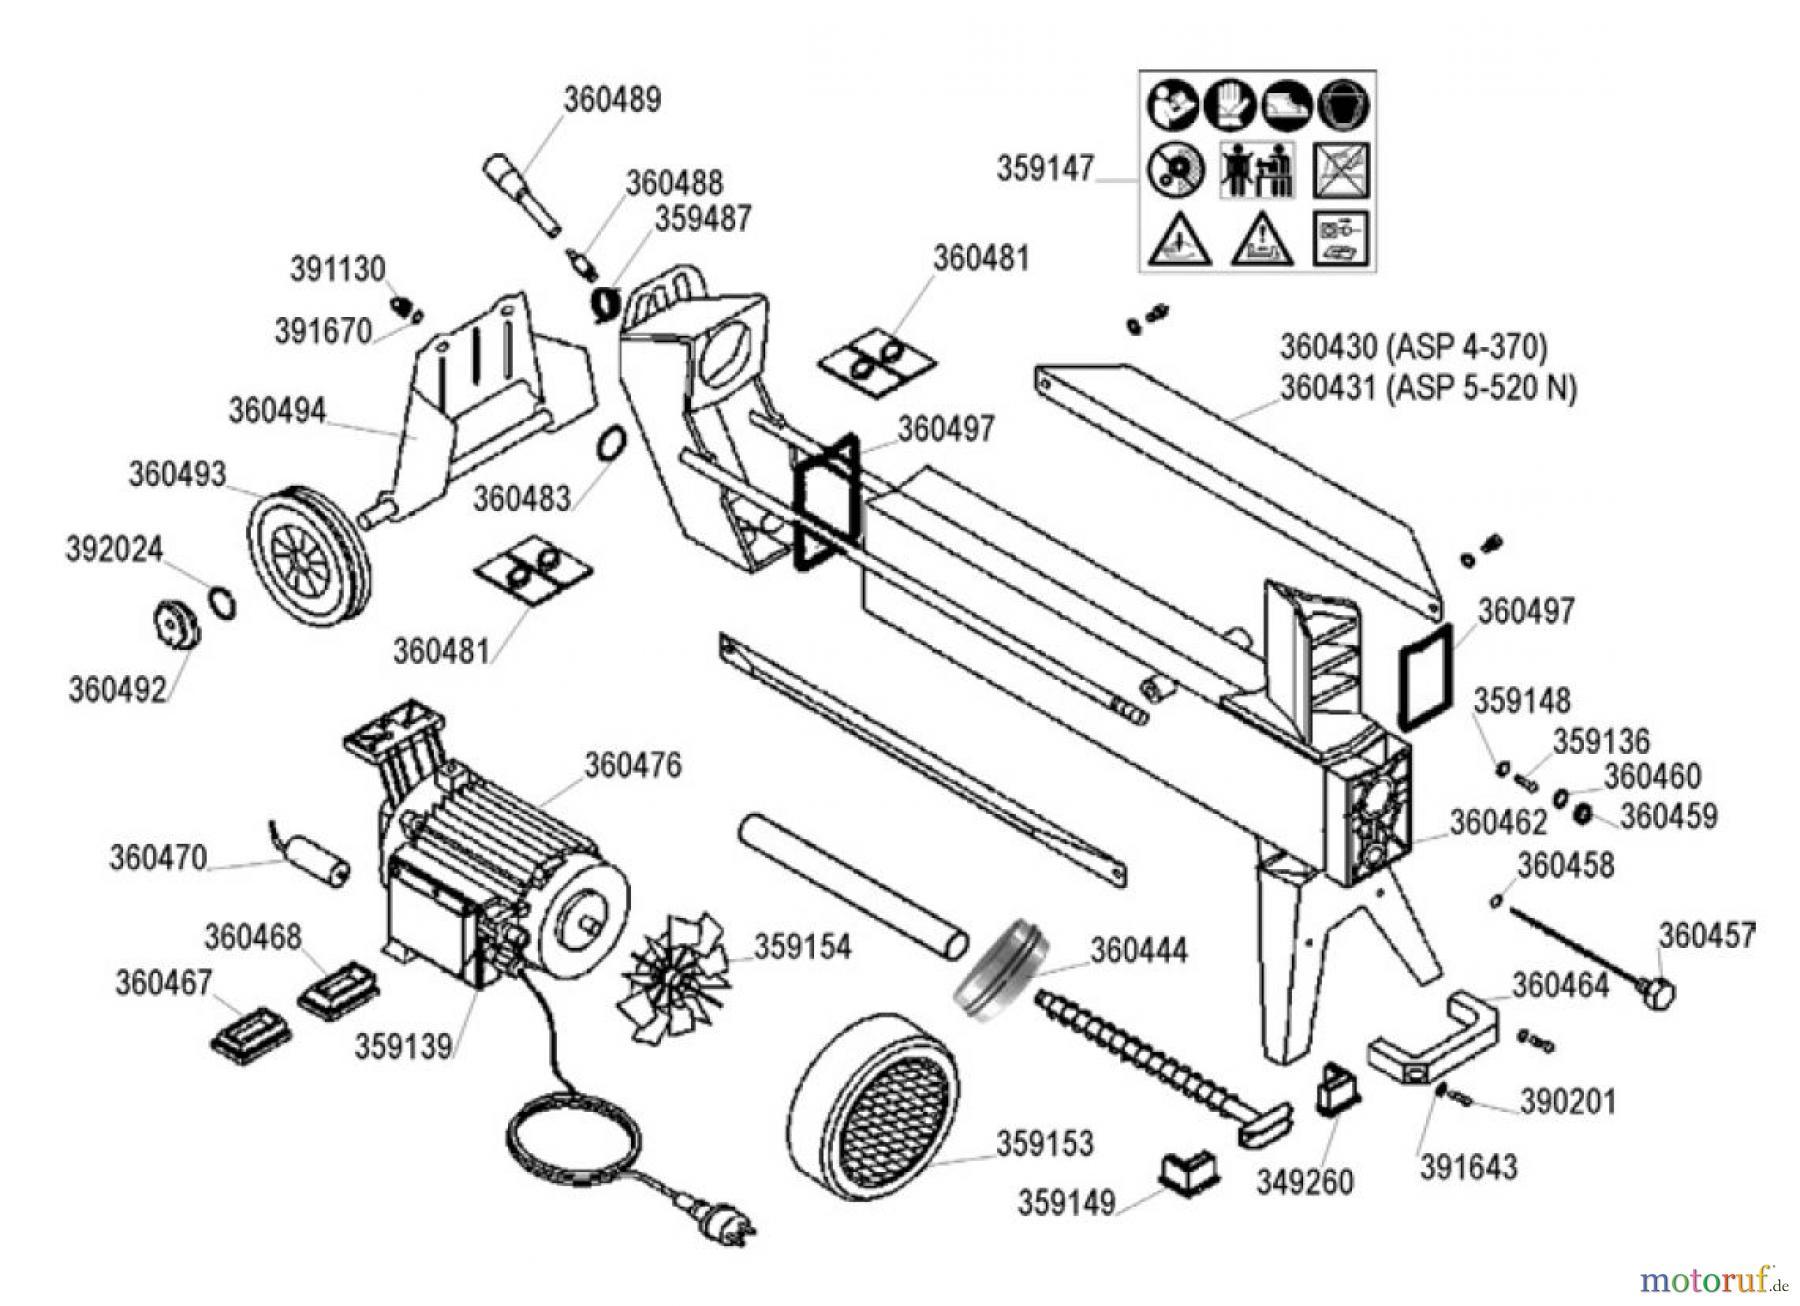 ATIKA ErsatzteilSechskant-Hutmutter für Holzspalter ASP 4-370 ASP 5-520